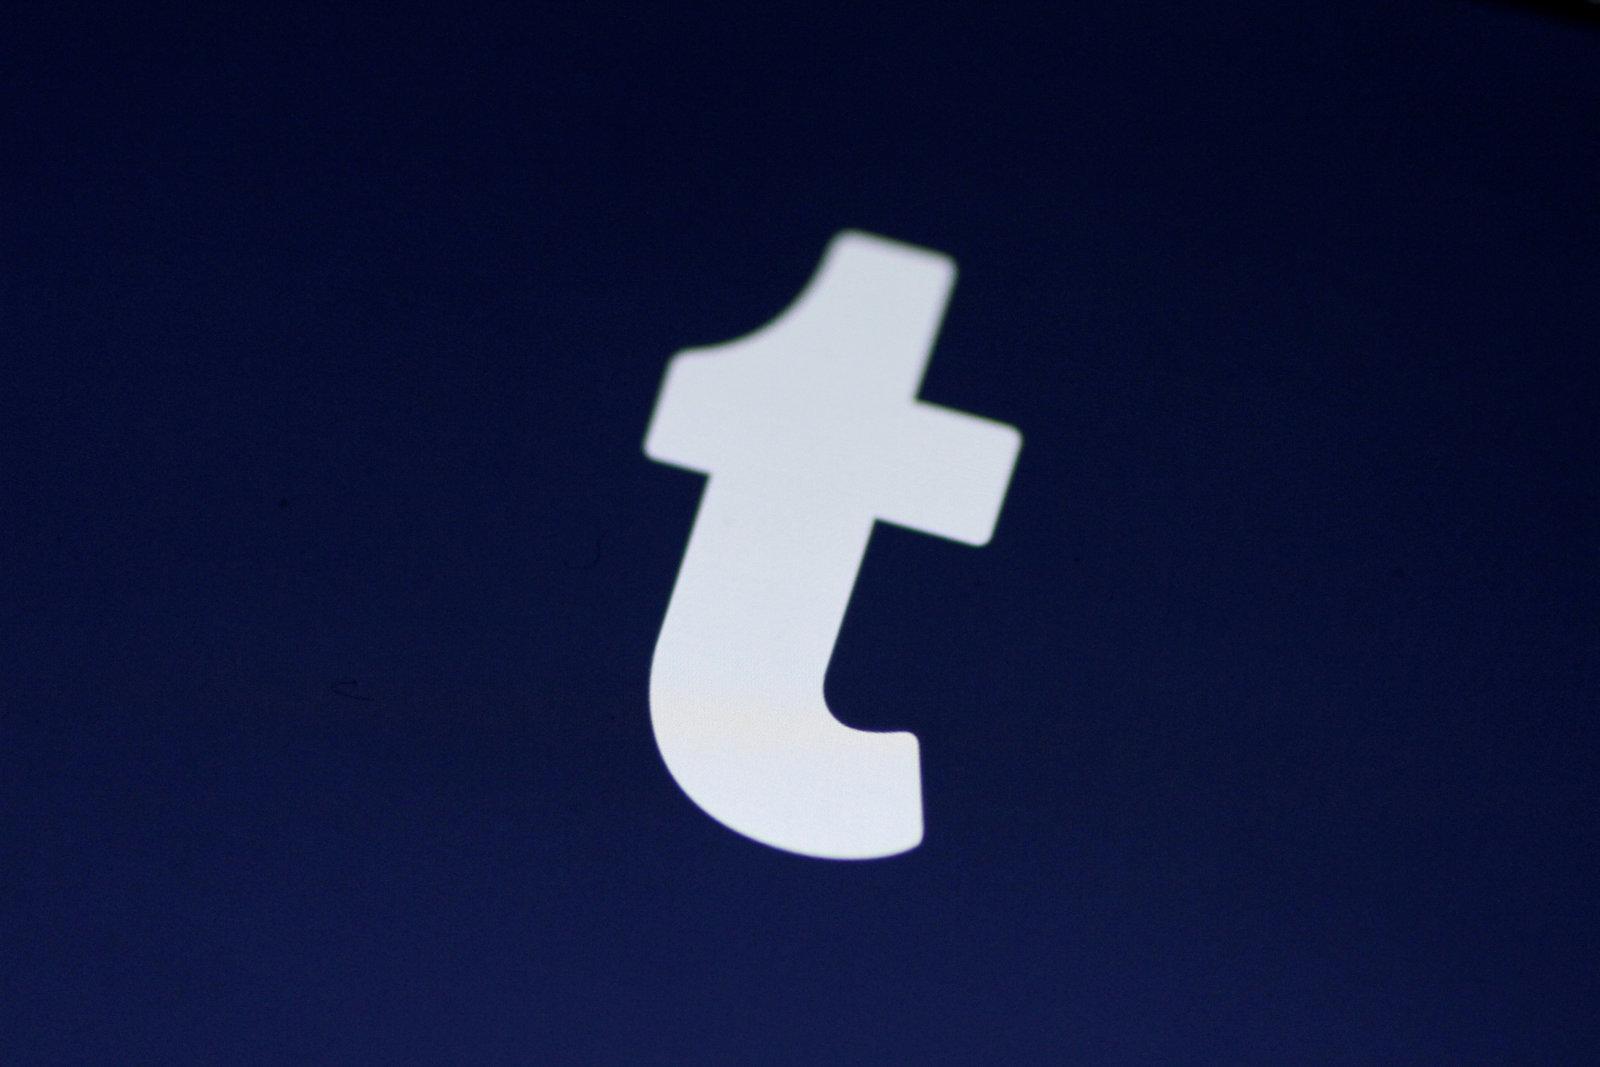 Tumblr Wordpress'in sahibi Automattic Inc. tarafından satın alınıyor